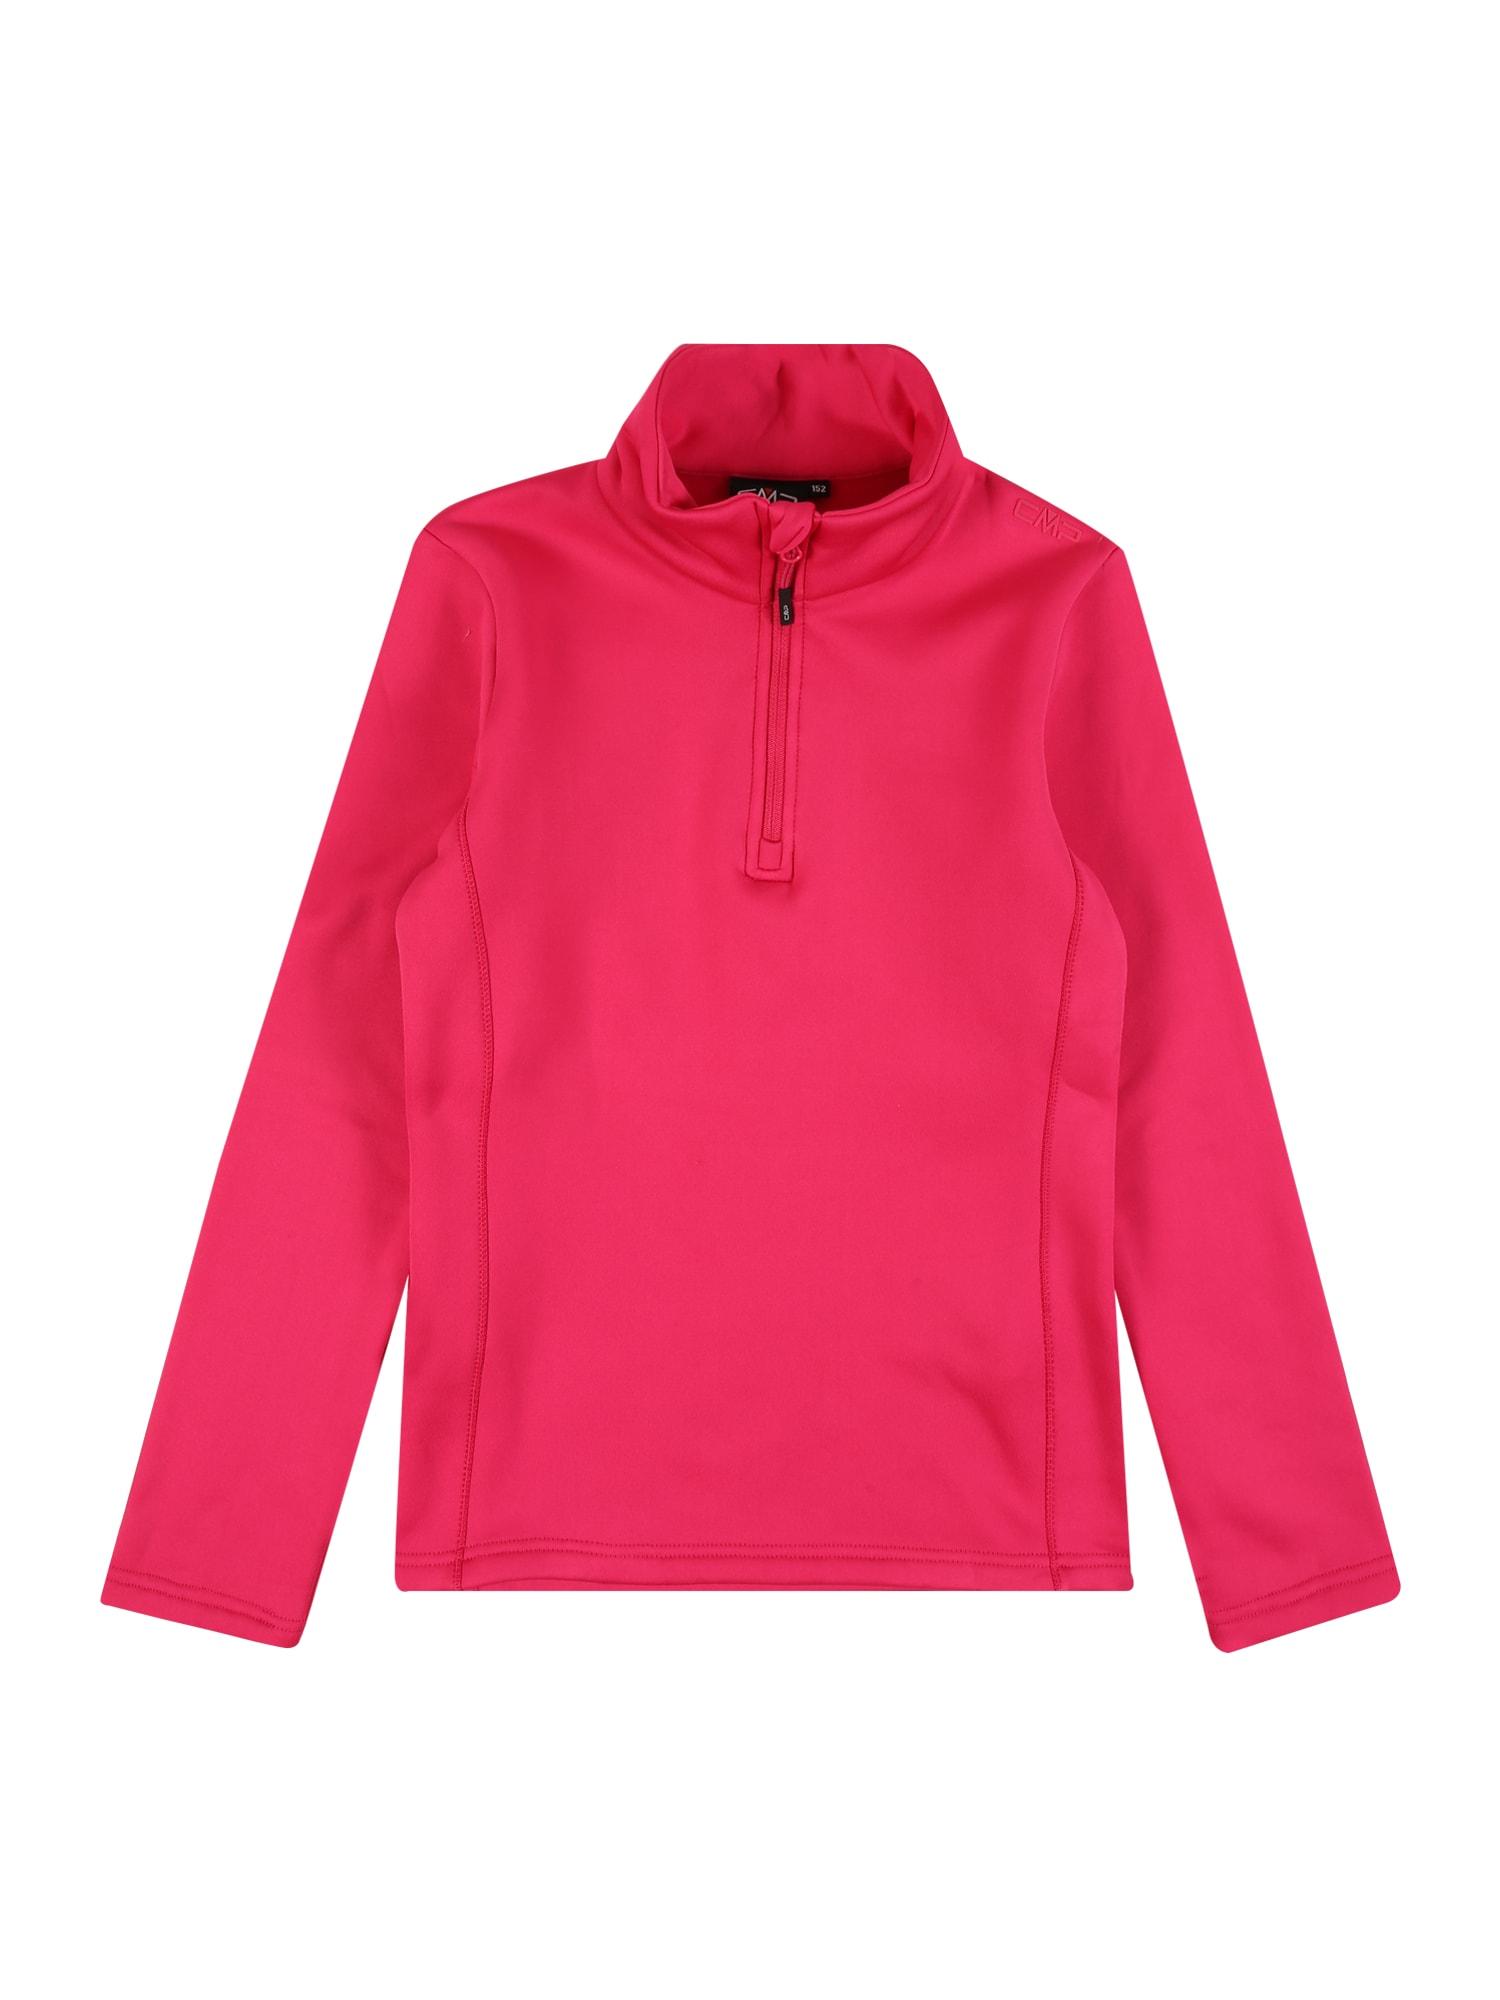 CMP Sportinio tipo megztinis raudona